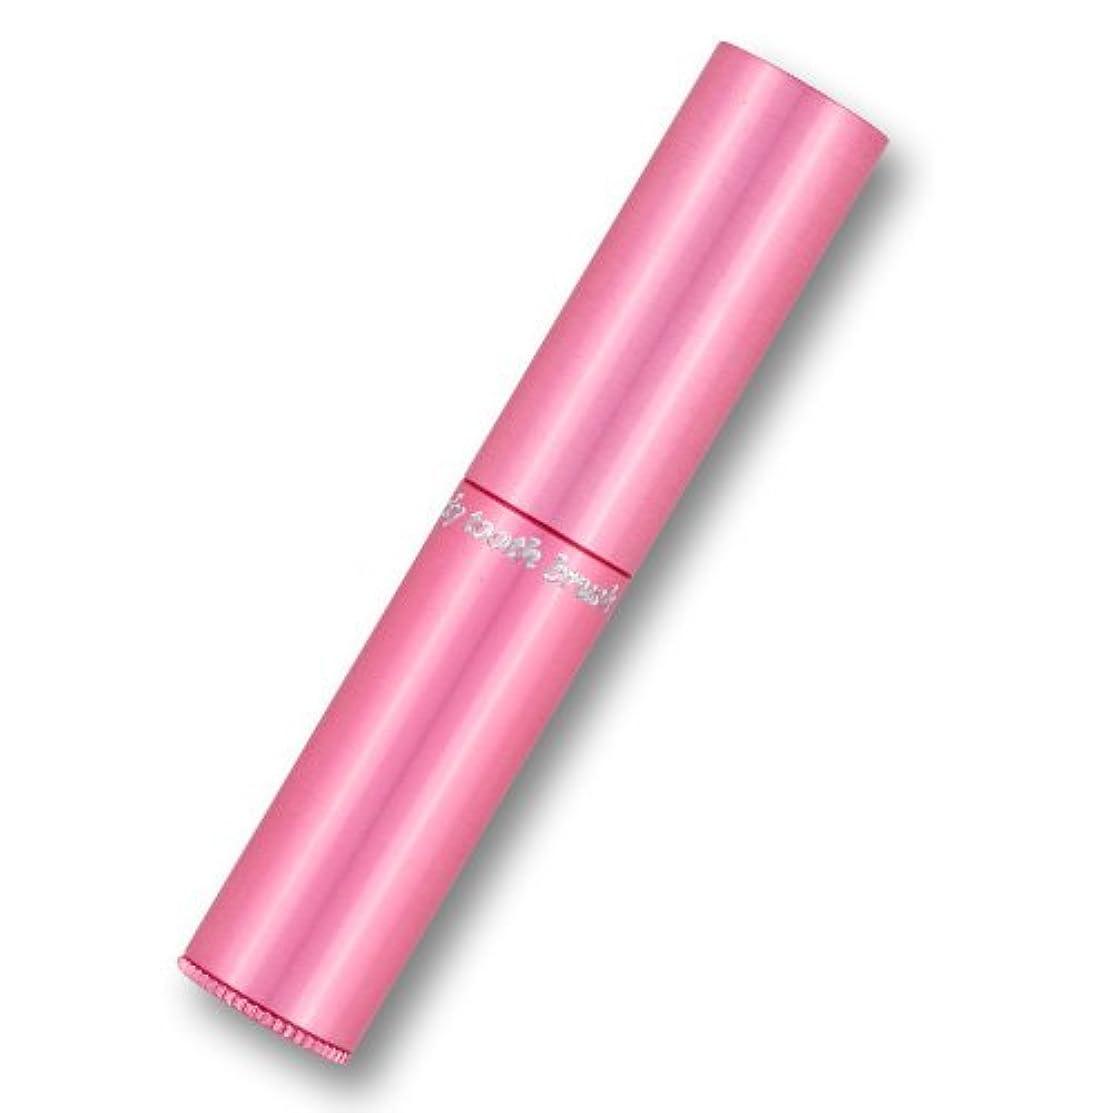 量著作権砂利携帯歯ブラシ?タベタラmigaCO(ピンク)